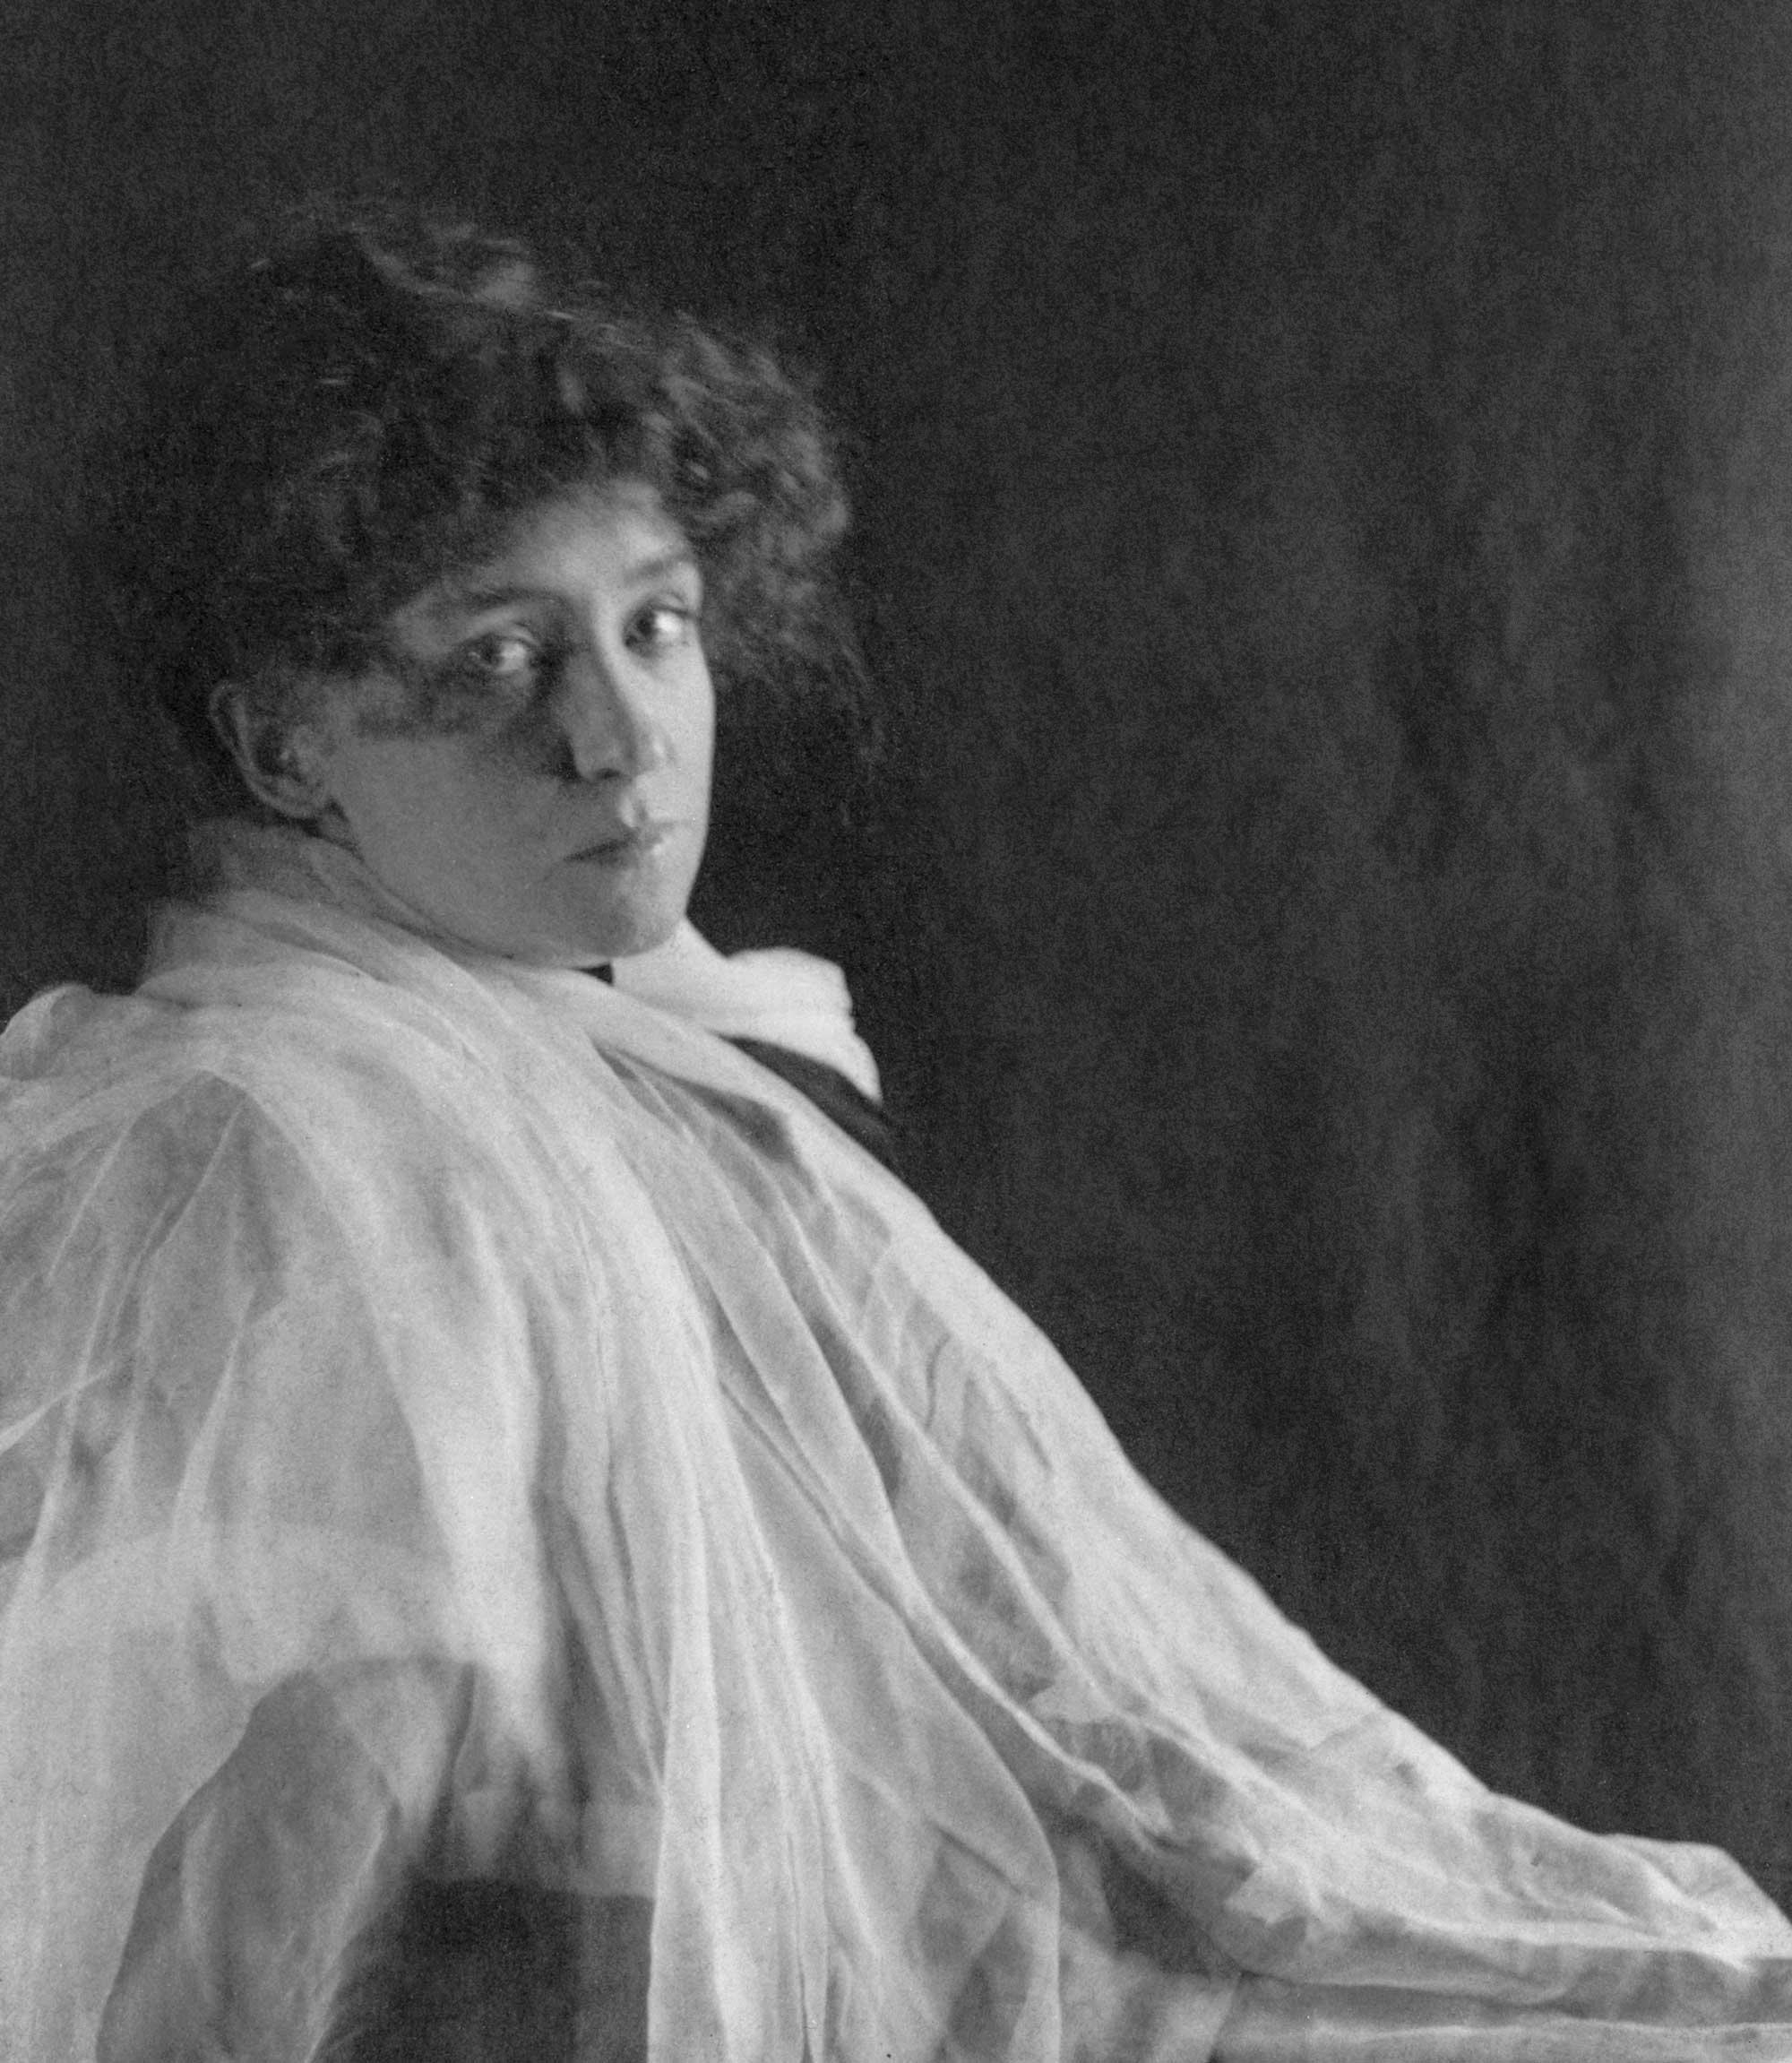 c. 1898: Minnie Maddern Fiske (1865-1932)